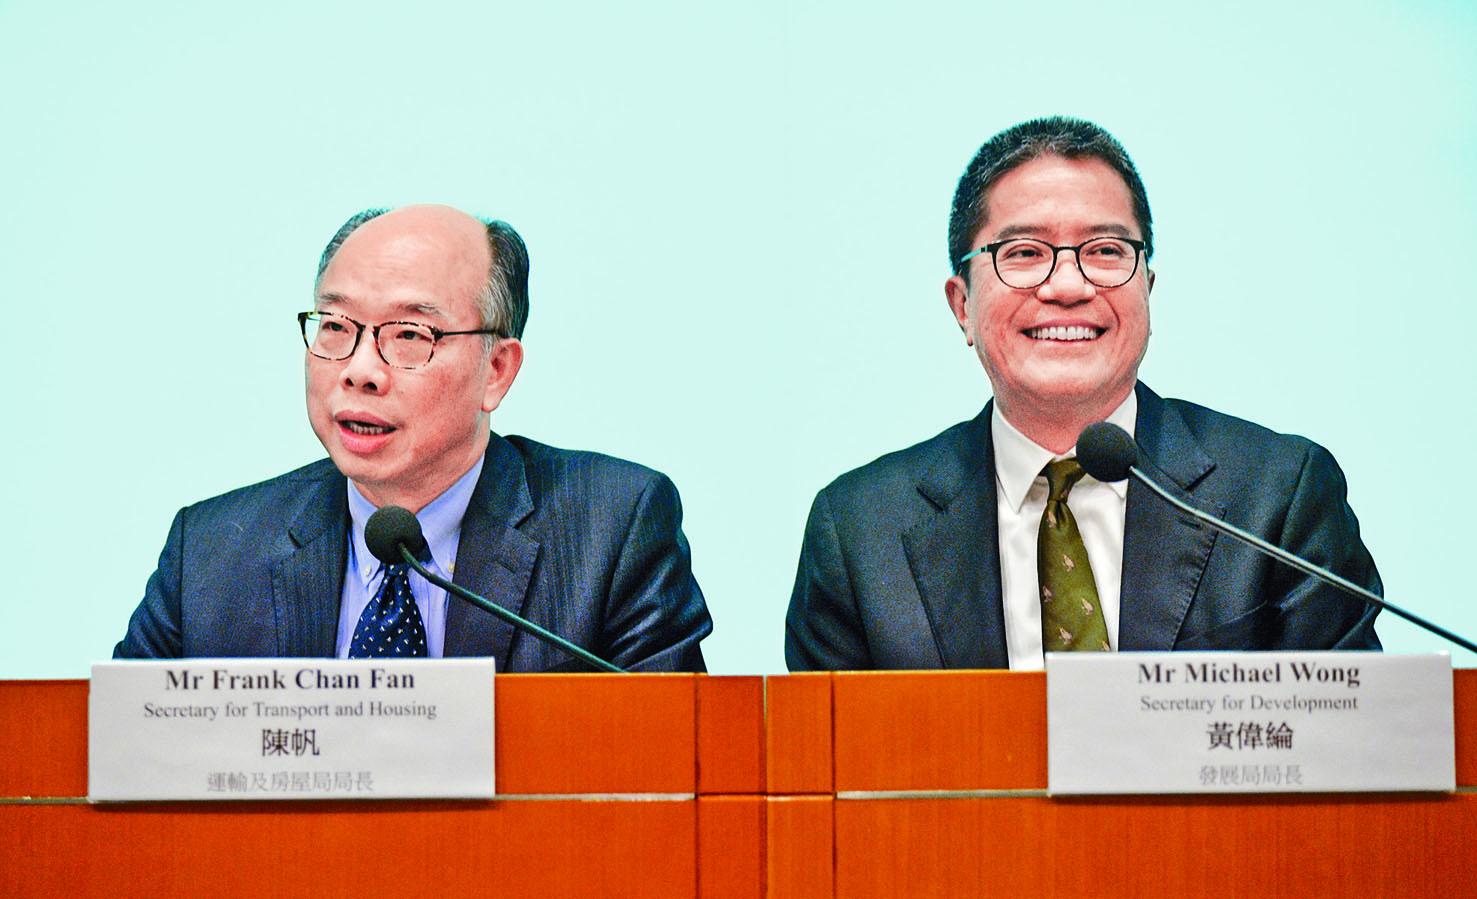 運房局局長陳帆(左)及發展局局長黃偉綸出席記者會,講解《施政報告》相關措施。